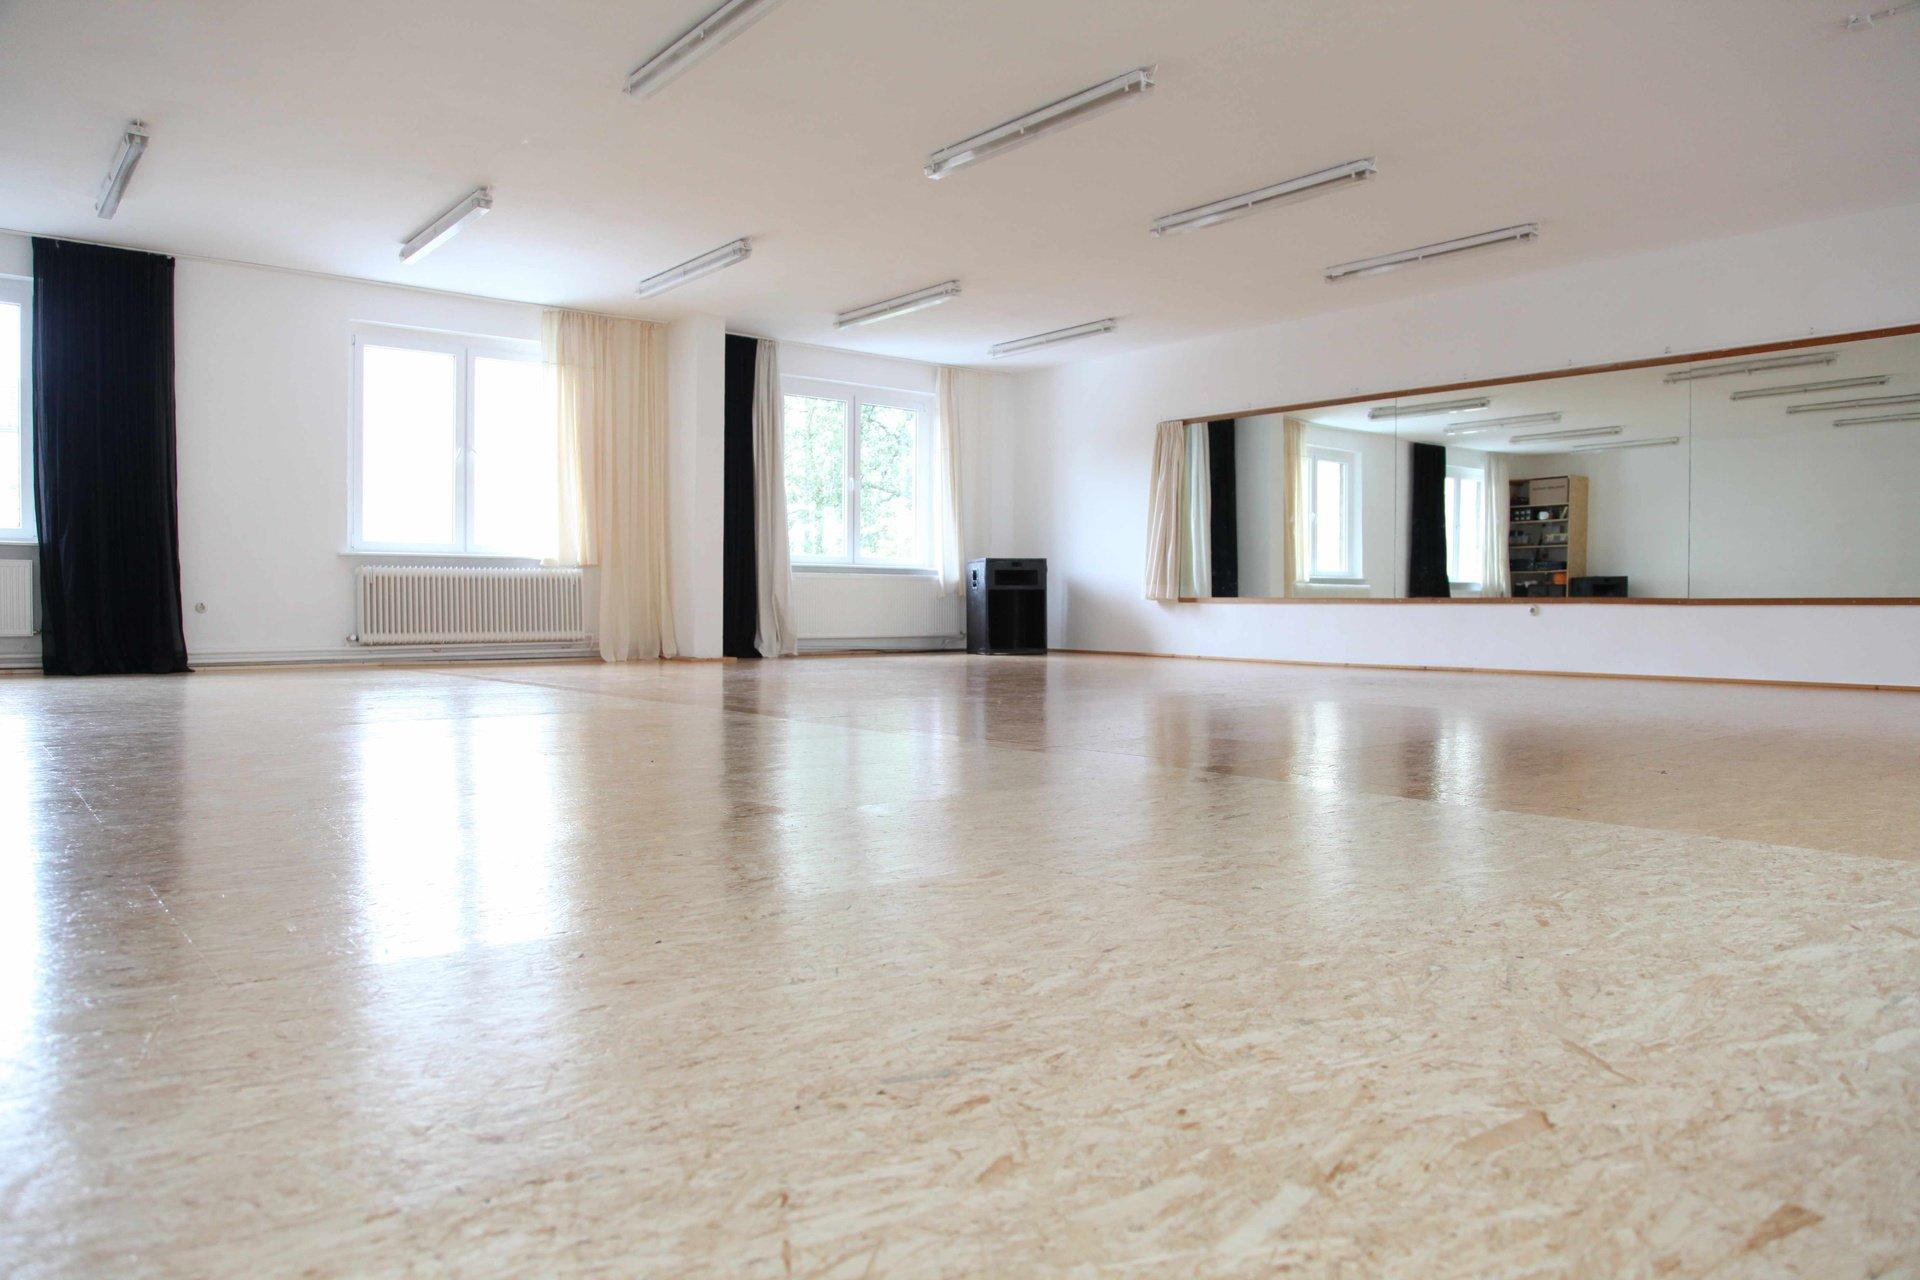 Berlin workshop spaces Lieu Atypique TanzTangente - Studio 1 image 0